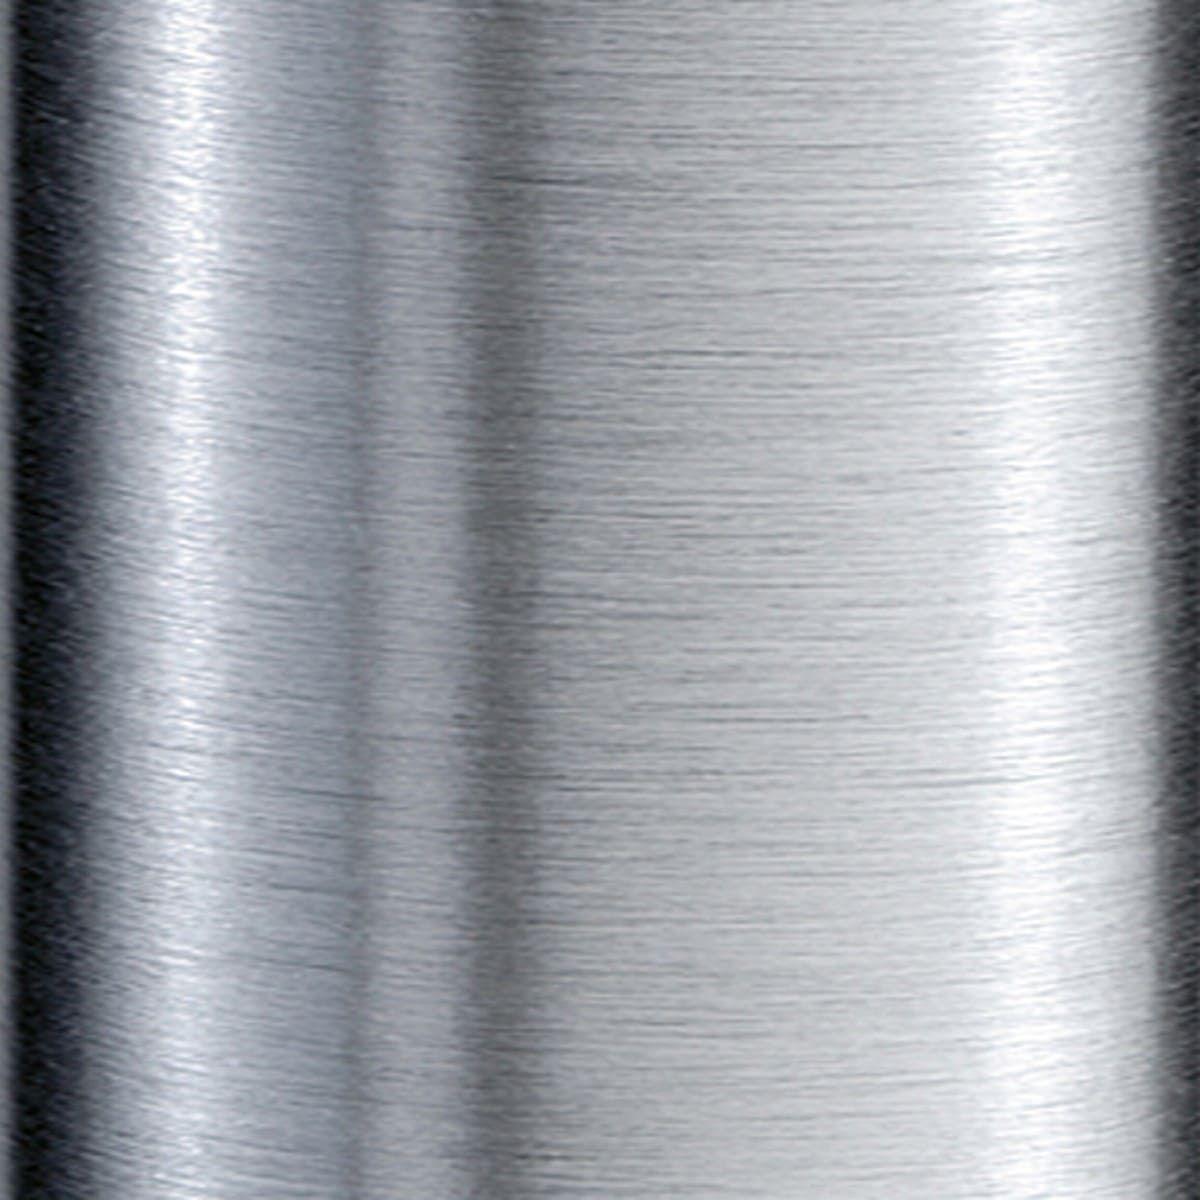 Knapstein 21 840 Wandleuchte Nickel Matt Wandleuchte Wandlampe Mit Schalter Knapstein